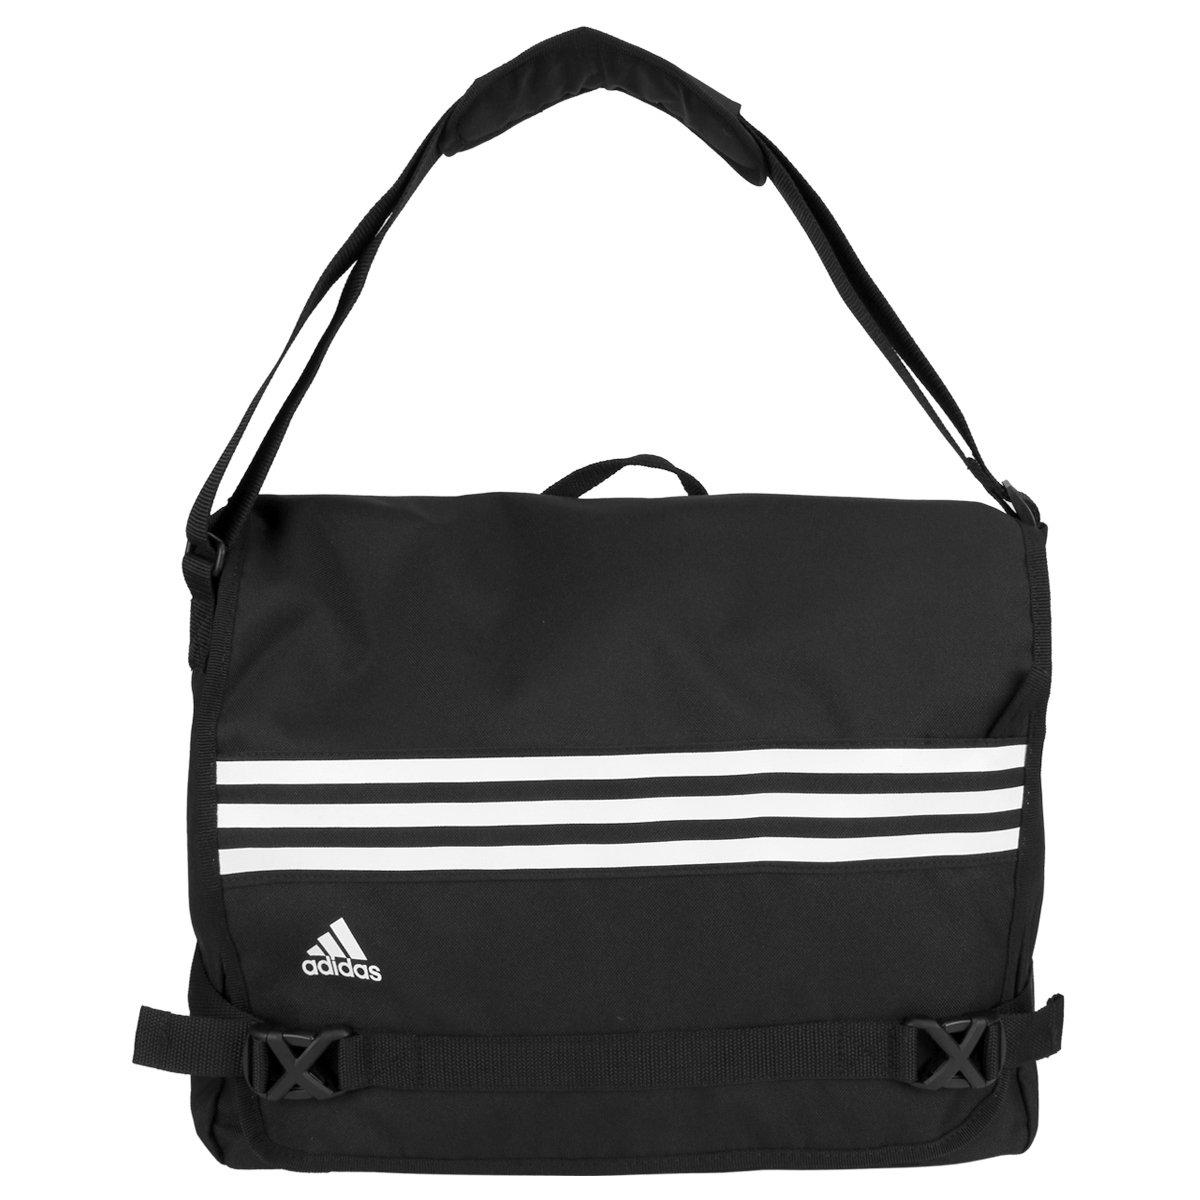 9997ec2f8 Bolsa Adidas Messenger 3S Masculina | Netshoes